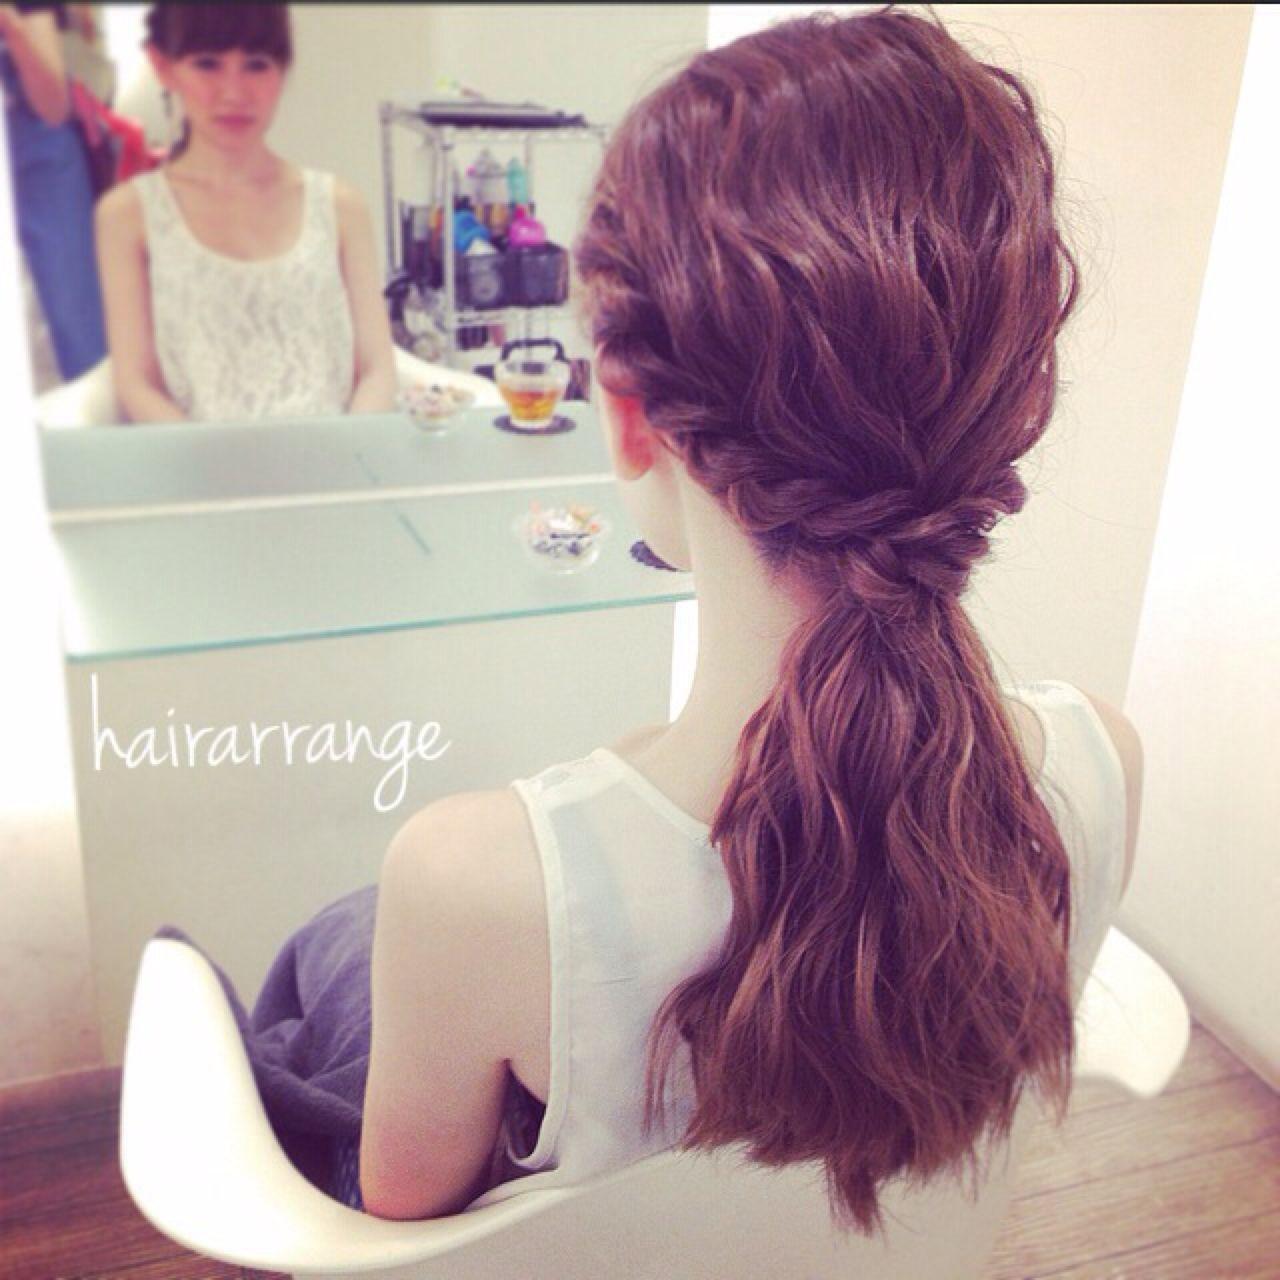 セルフで簡単!結婚式にしていきたい髪型アレンジを徹底解説 Kaneko Mayumi | BOTTOMS